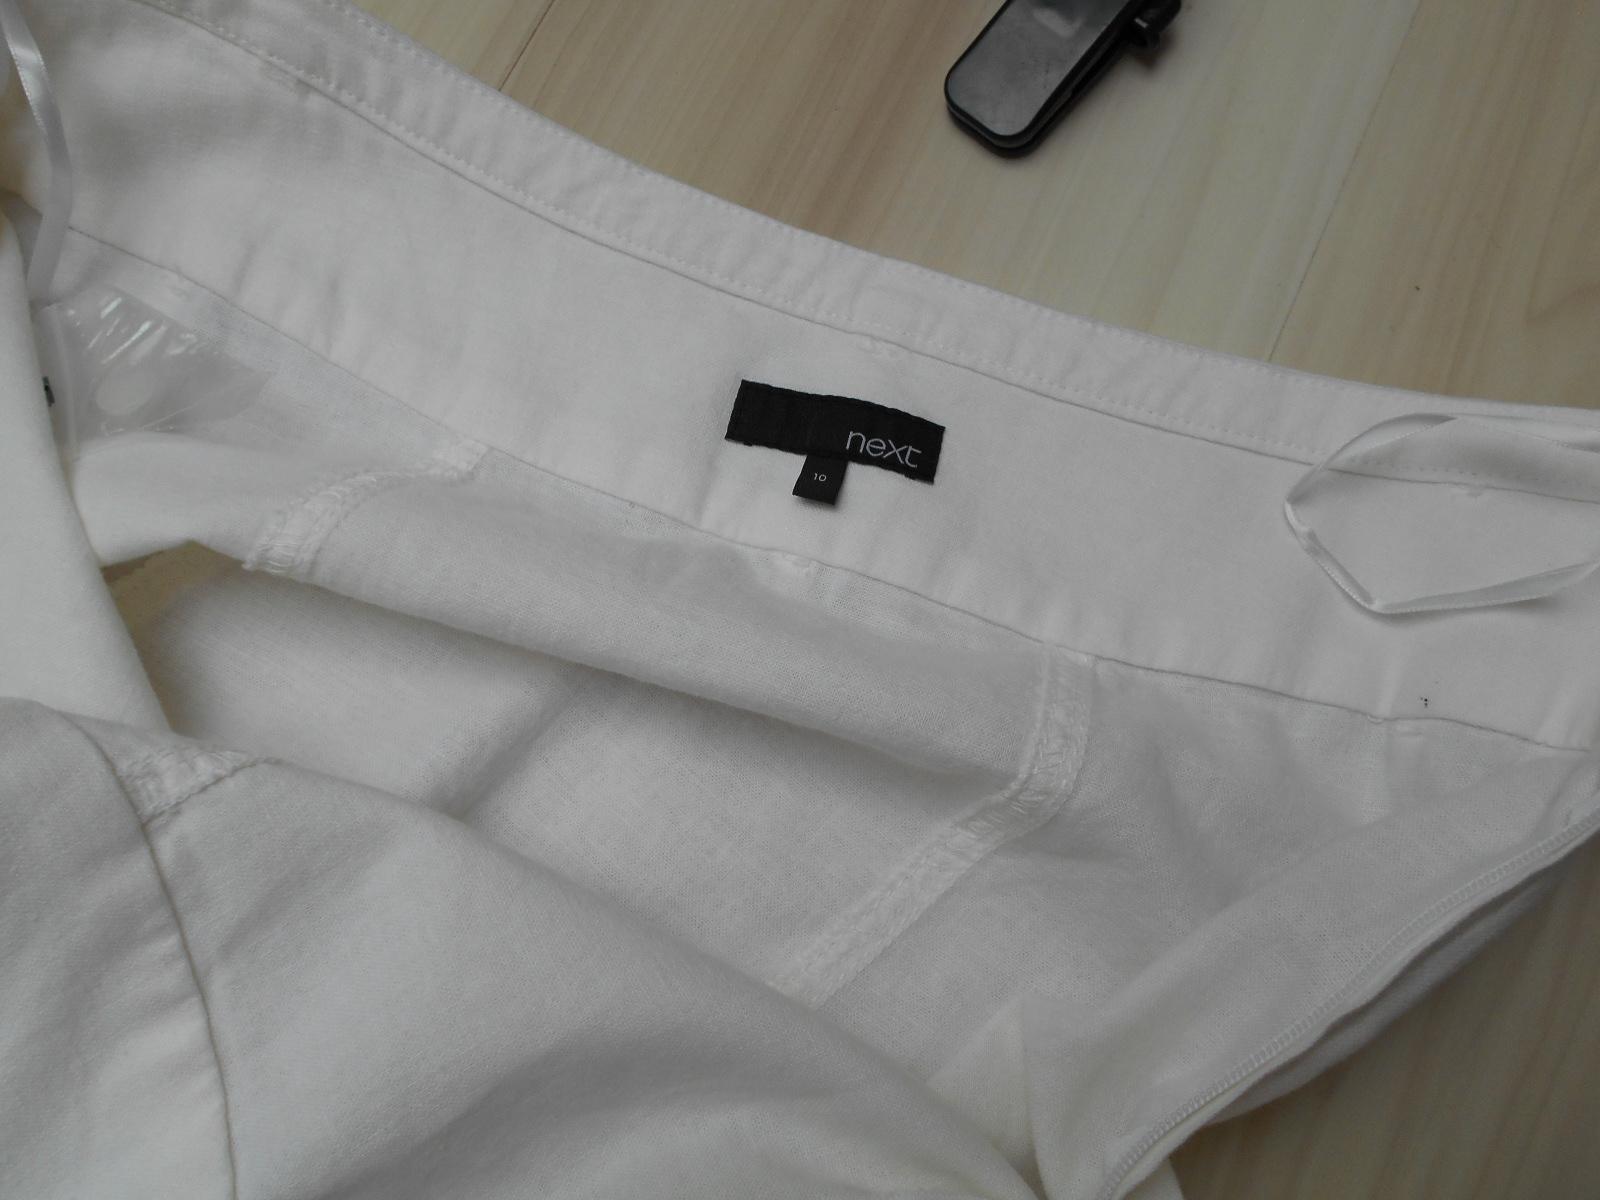 9e76c4baa8 NEXT Spódnica lniana len do kostek maxi M -60% - 7405194566 ...